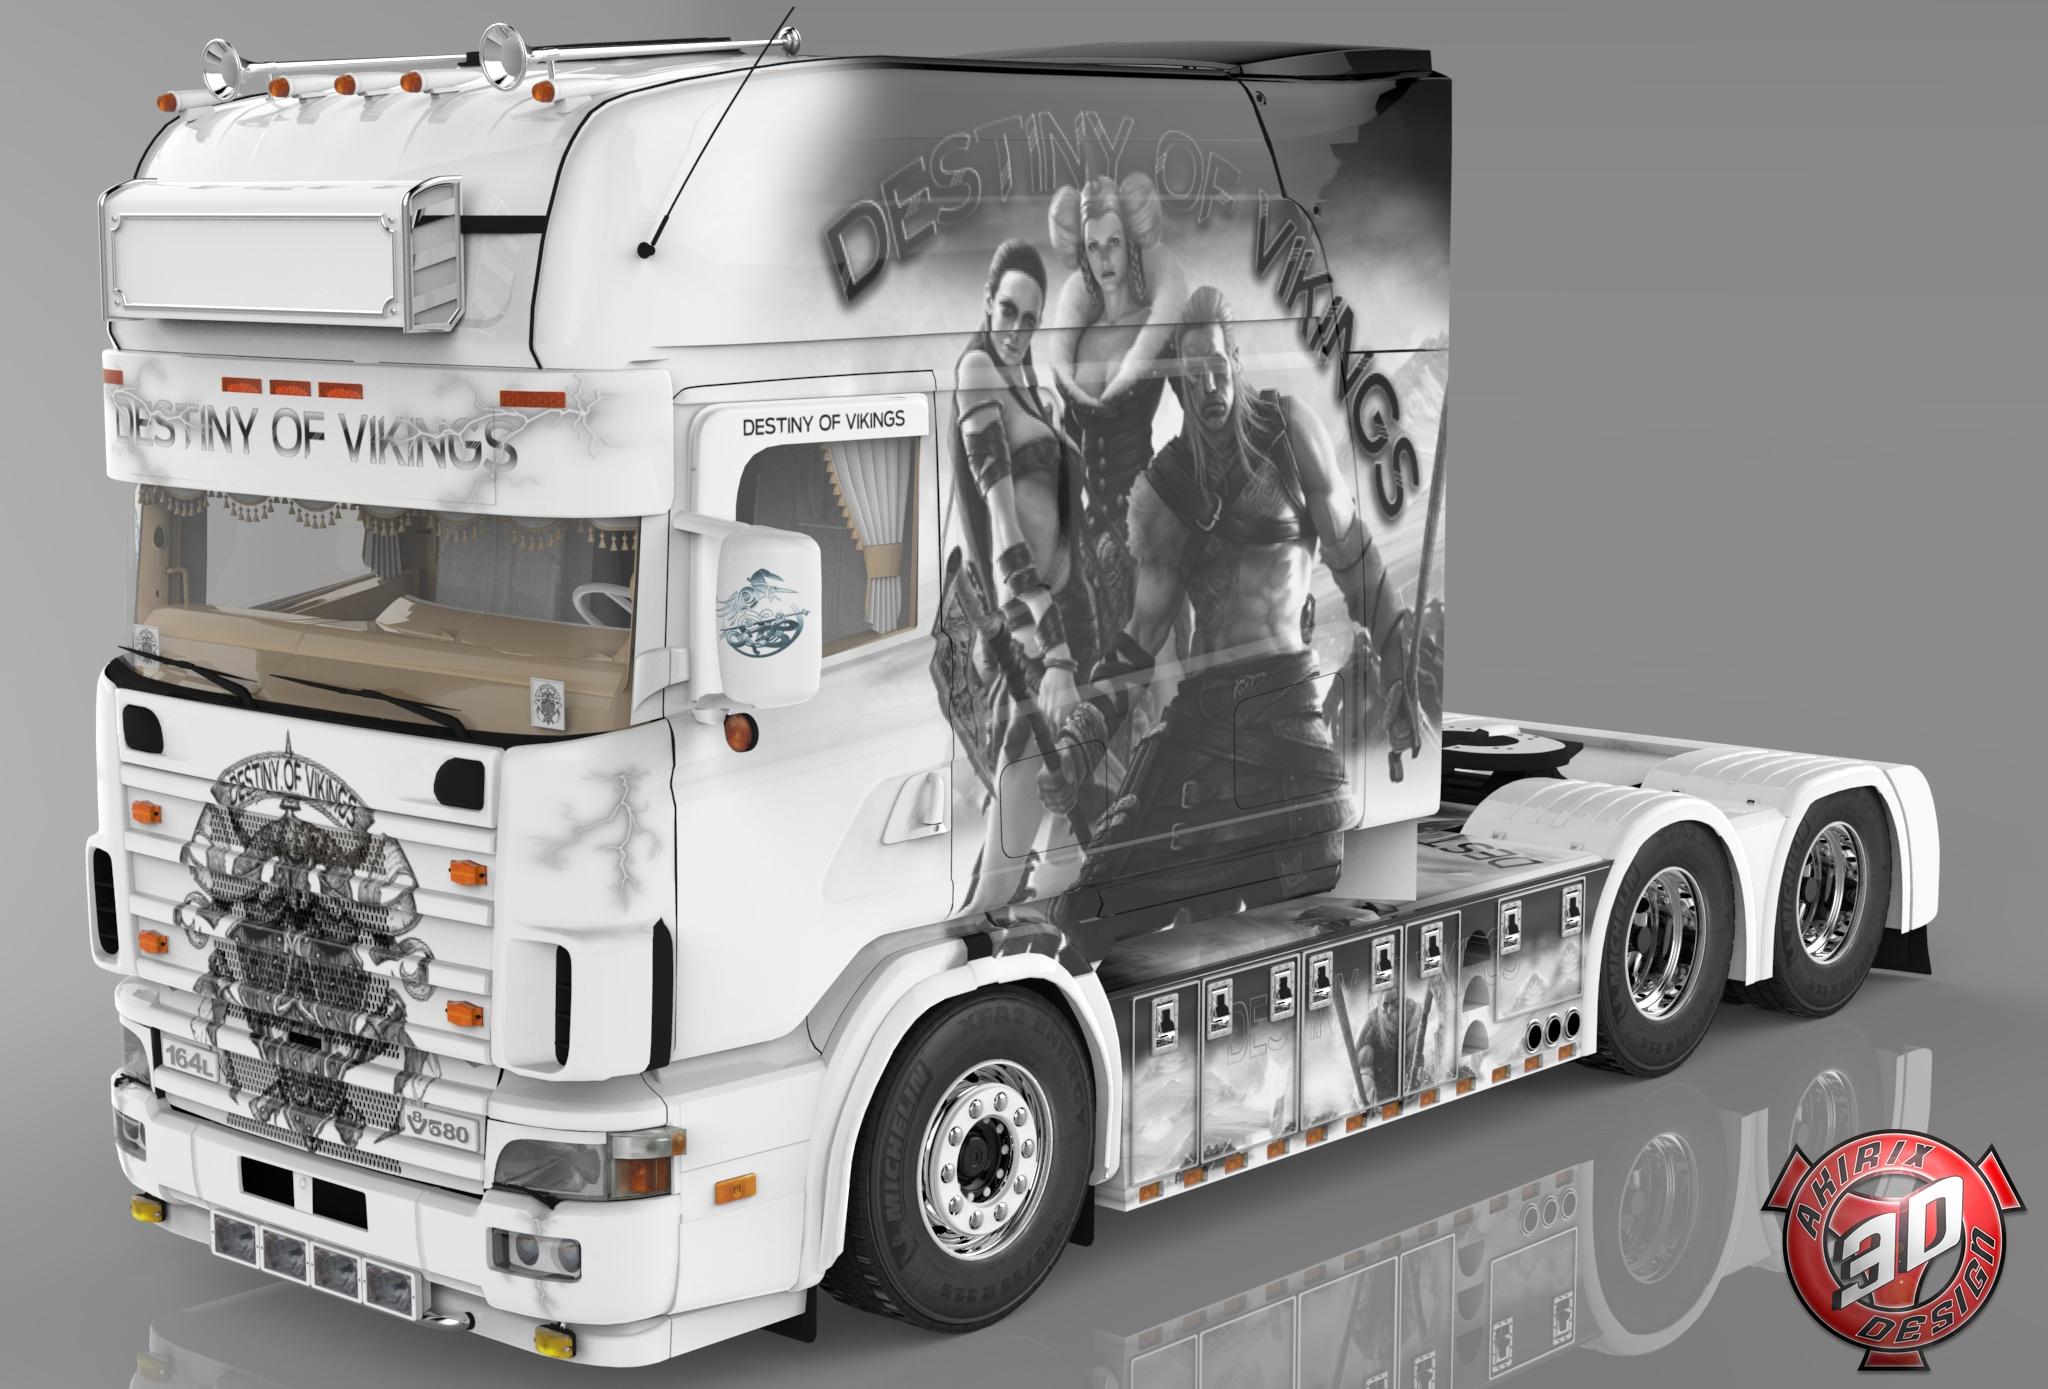 3D Scania 164L 580 V8 Destiny Of Vikings